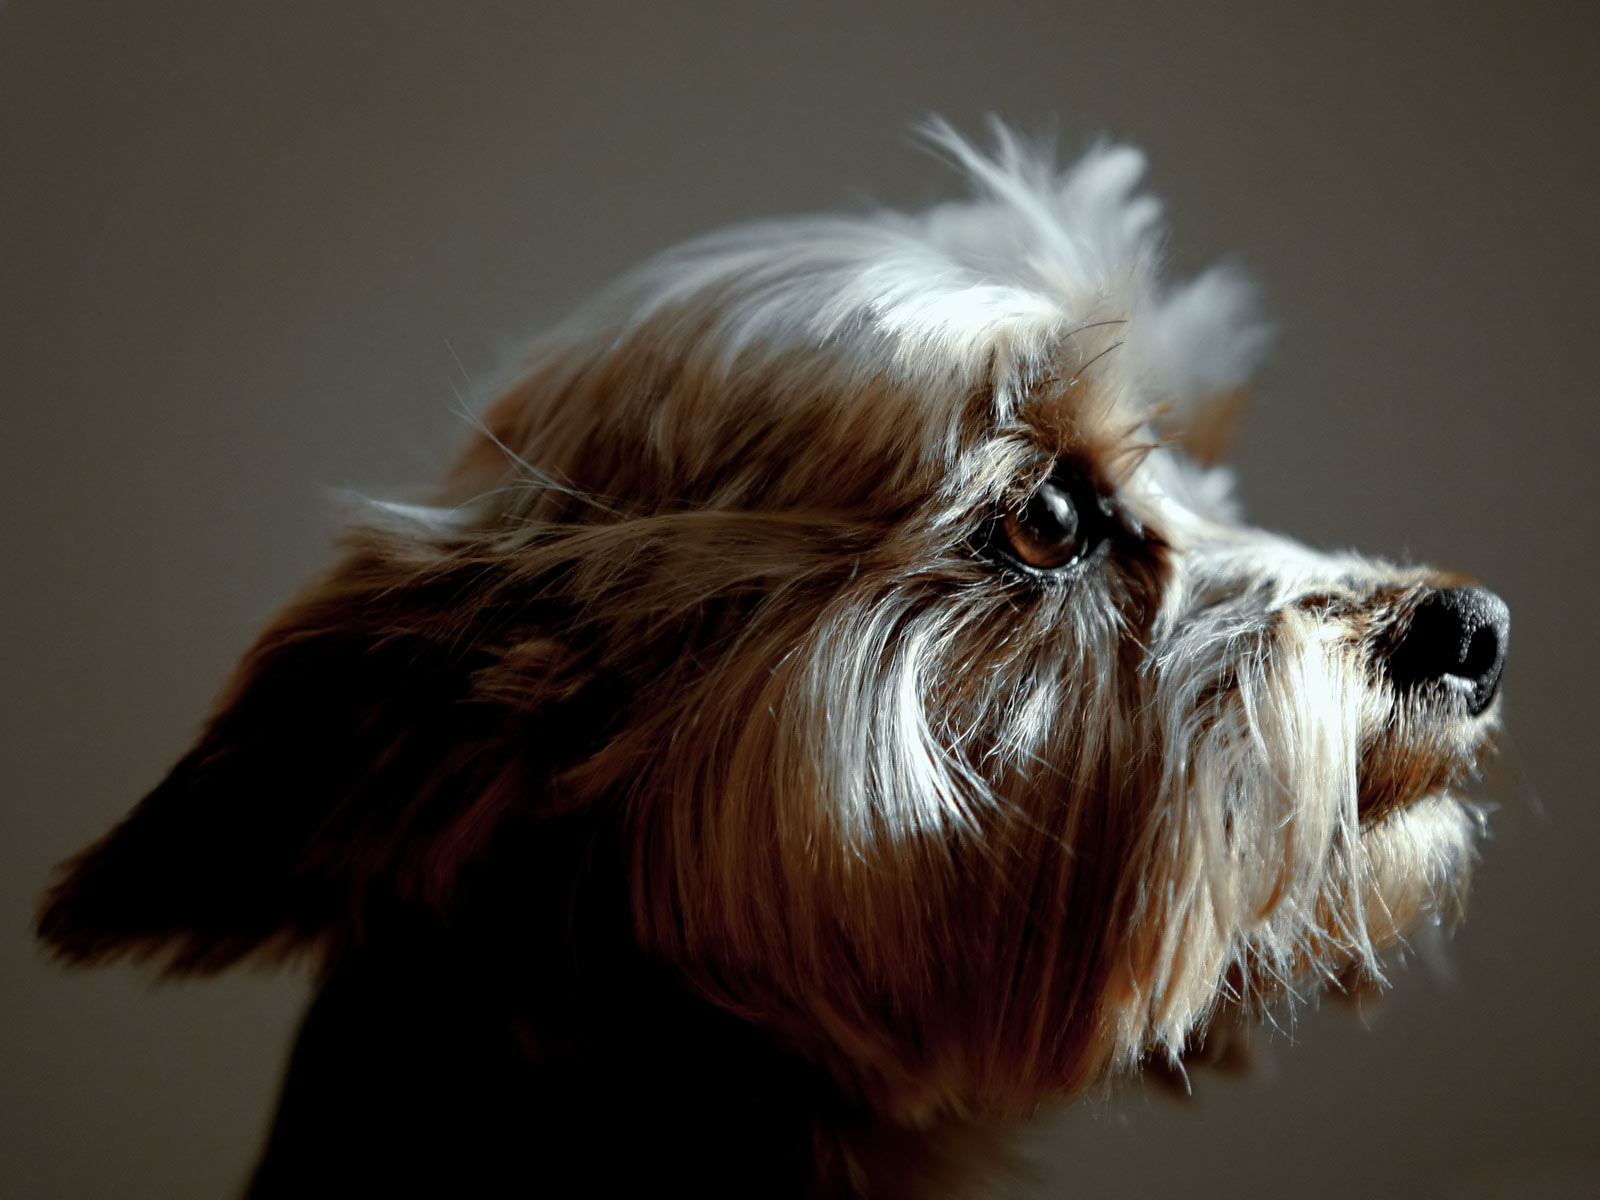 http://3.bp.blogspot.com/_nEmB3Z5F5EM/S62FGnytEJI/AAAAAAAAIJY/hJ3ZRD0MAUU/s1600/Australian_Silky_Terrier.jpg